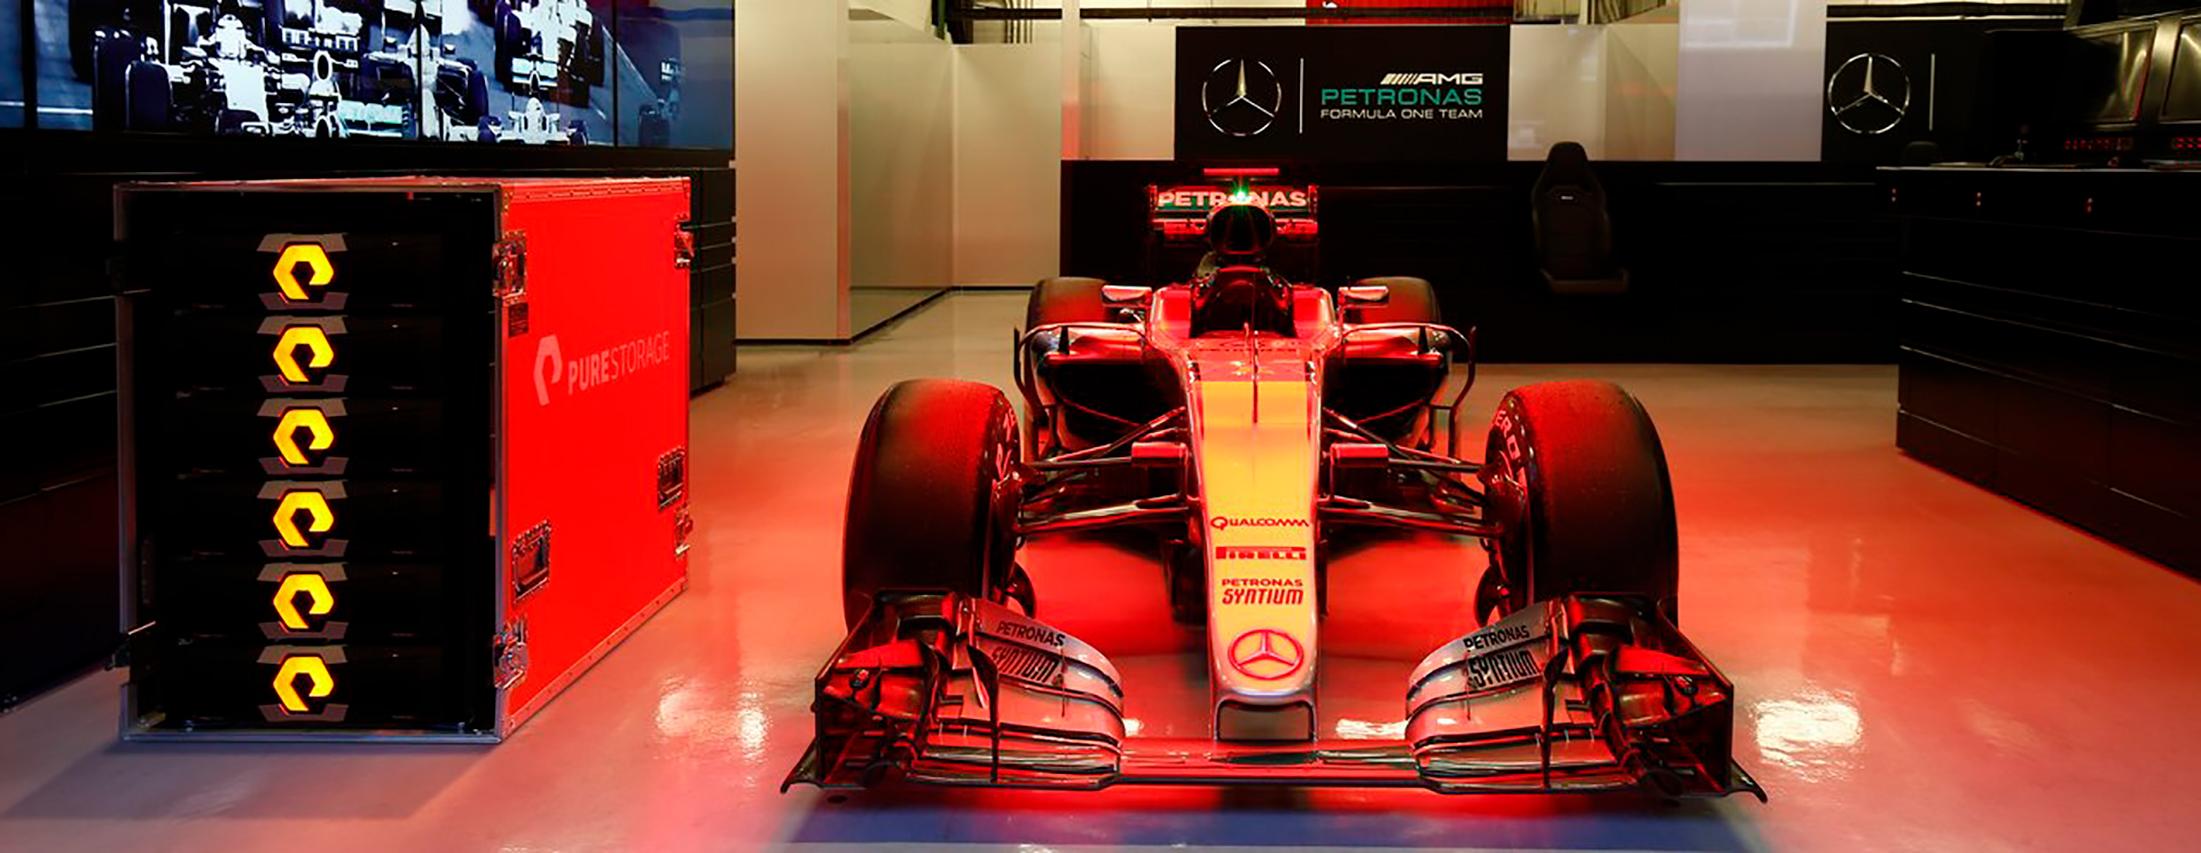 Pure Storage y Mercedes AMG: una alianza a la máxima velocidad